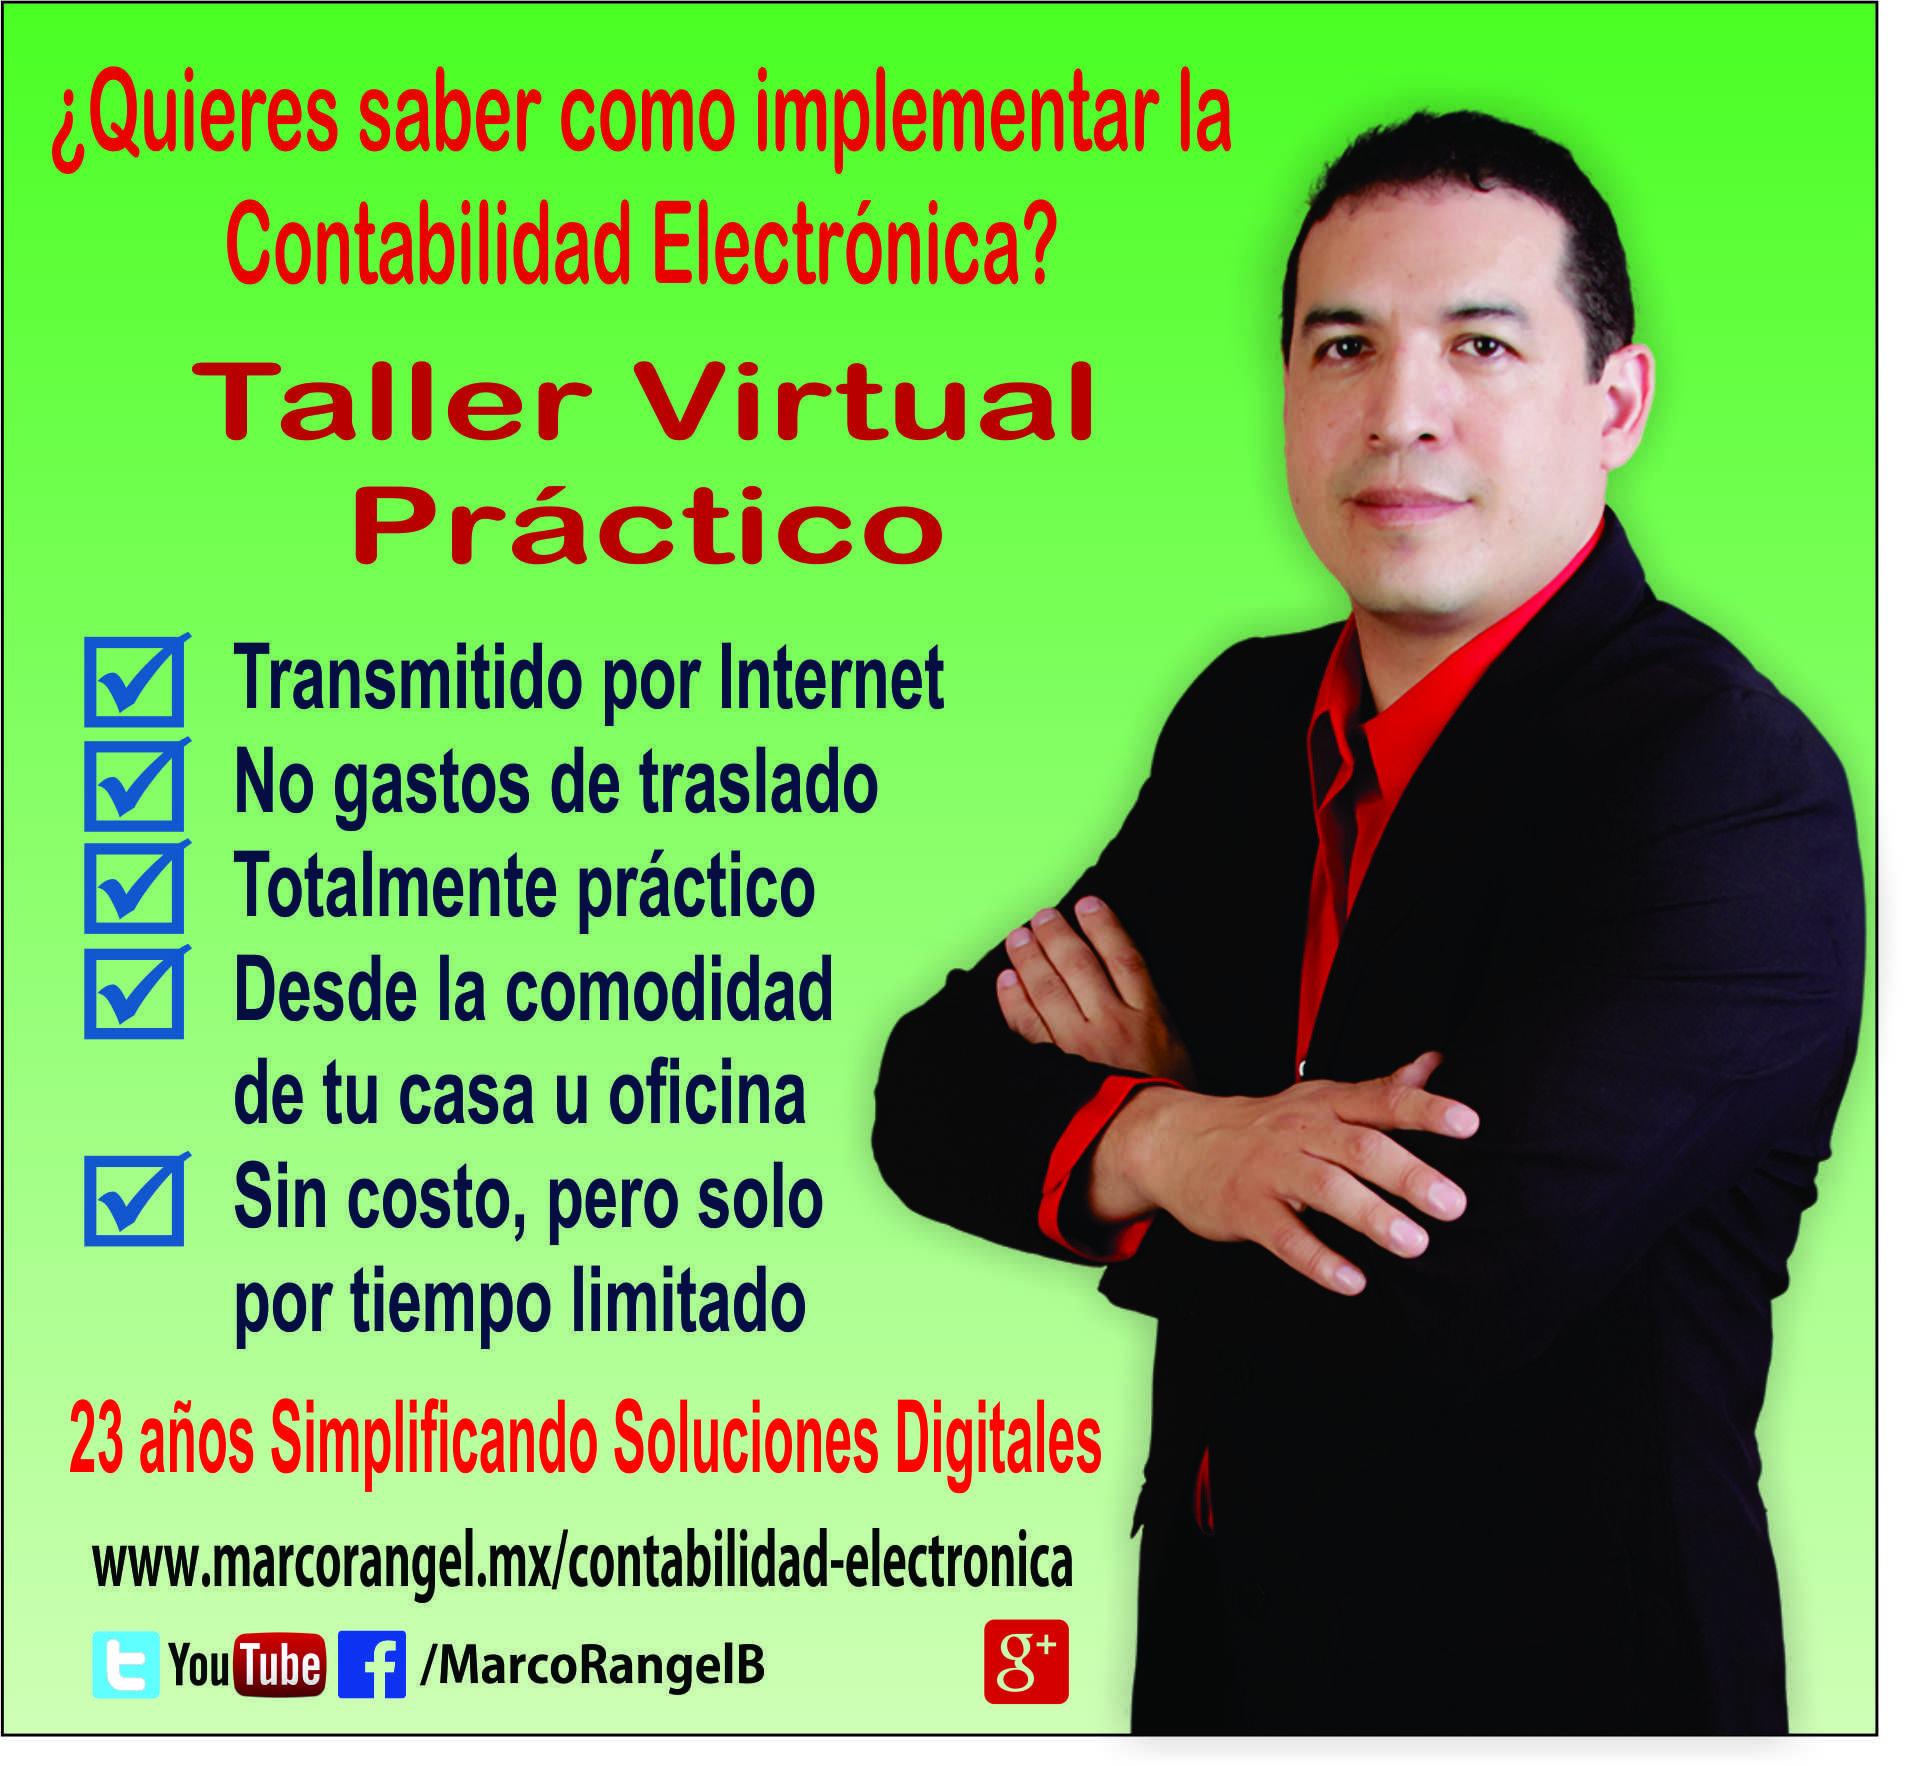 Flayer del Taller Virtual Practico que se impartirá el 23 de Octubre  www.marcorangel.mx/contabilidad-electronica